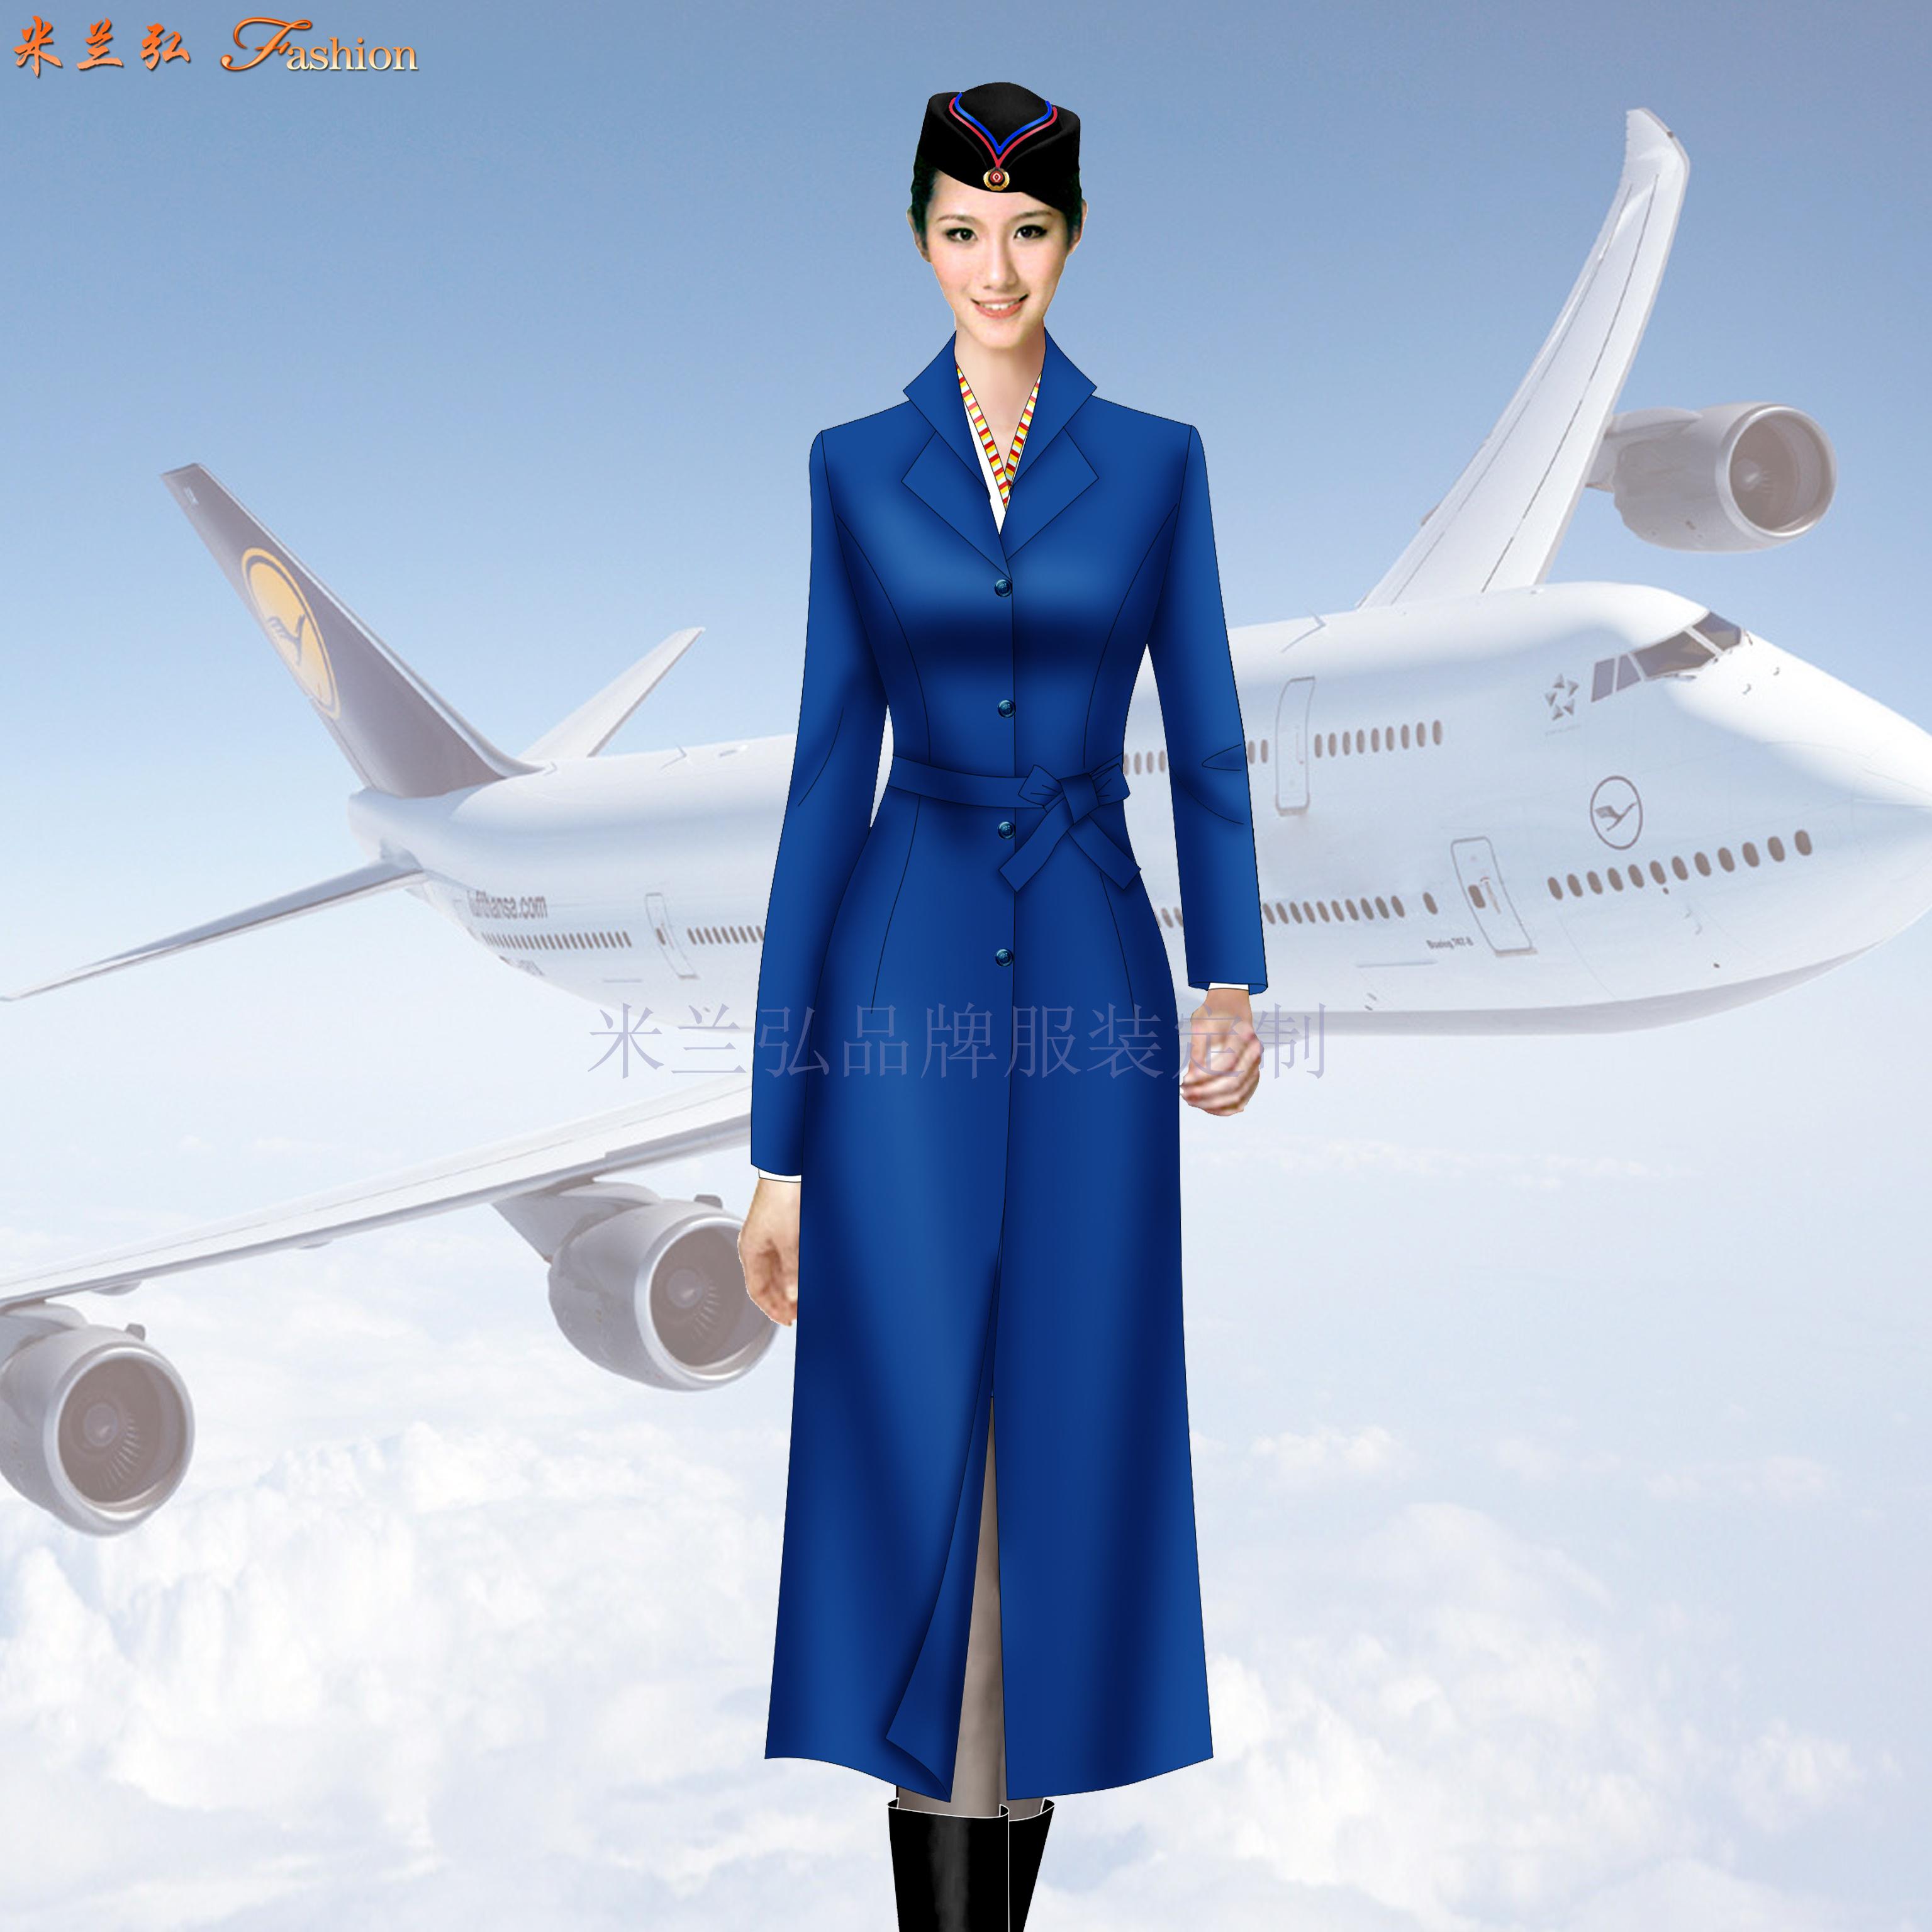 航空公司机长大衣定做_空姐服大衣定制_飞机空乘服大衣订制-2